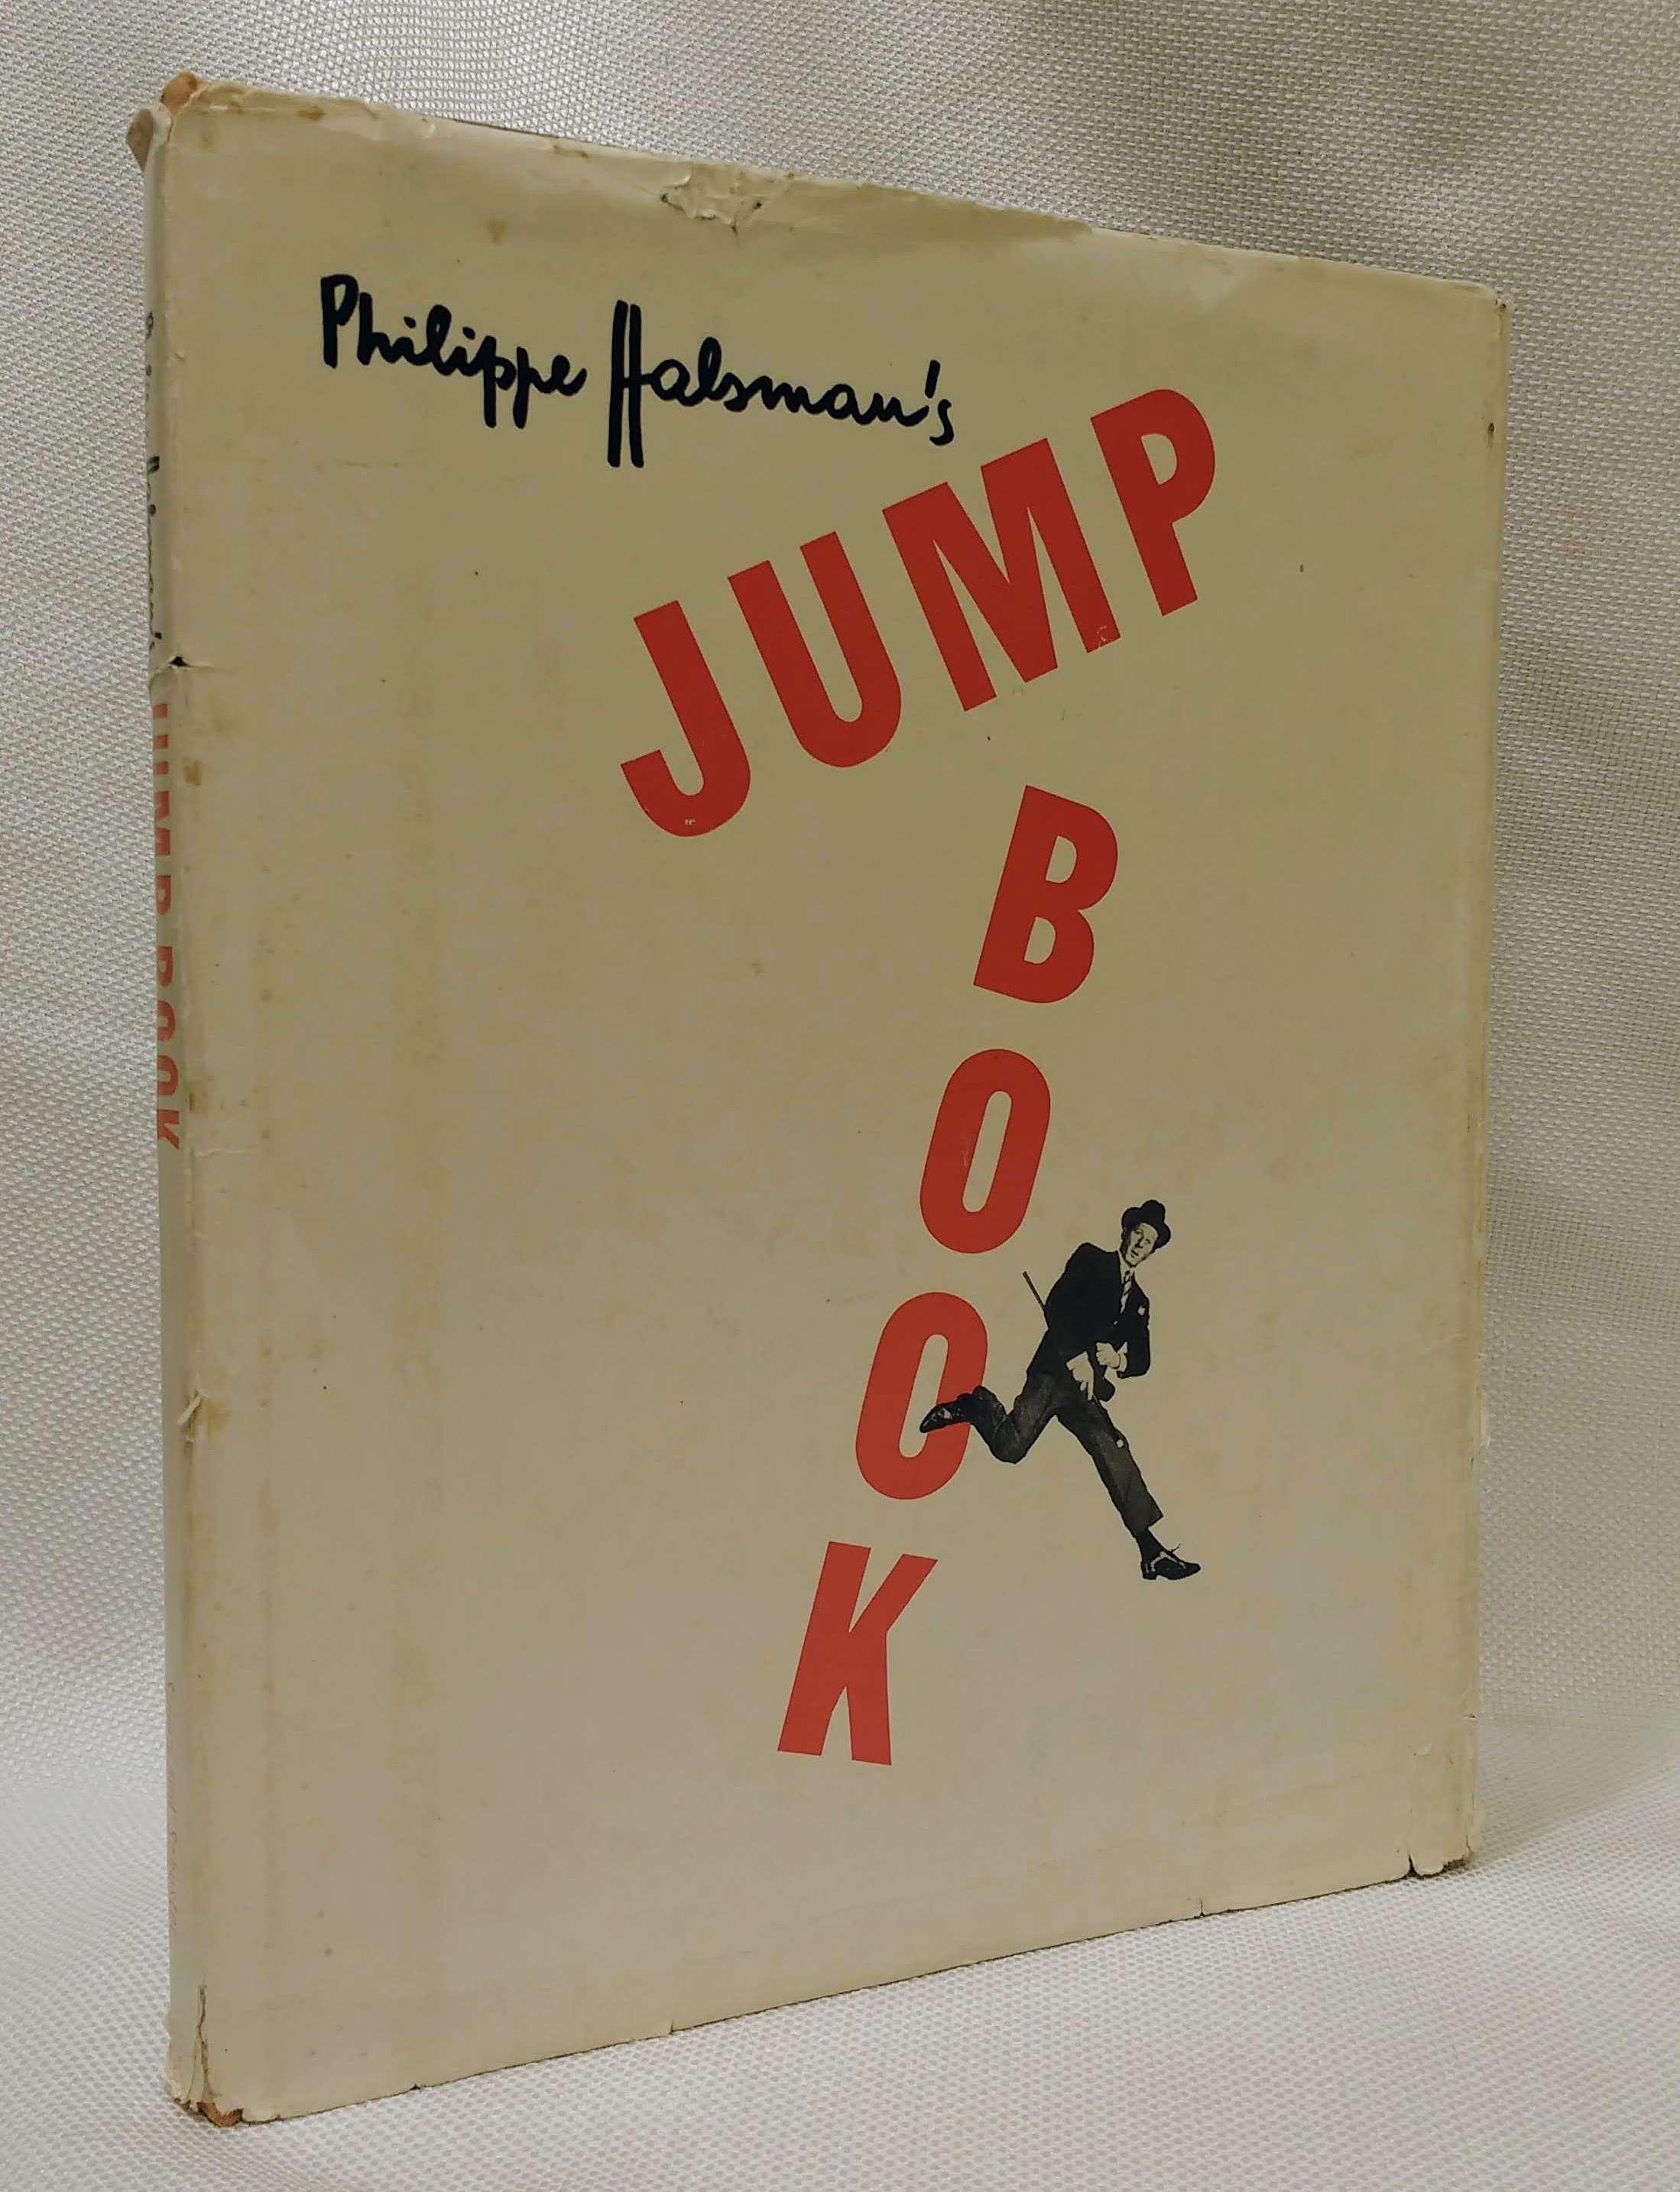 Phillippe Halsman's Jump Book, Phillipe Halsman [Photographer]